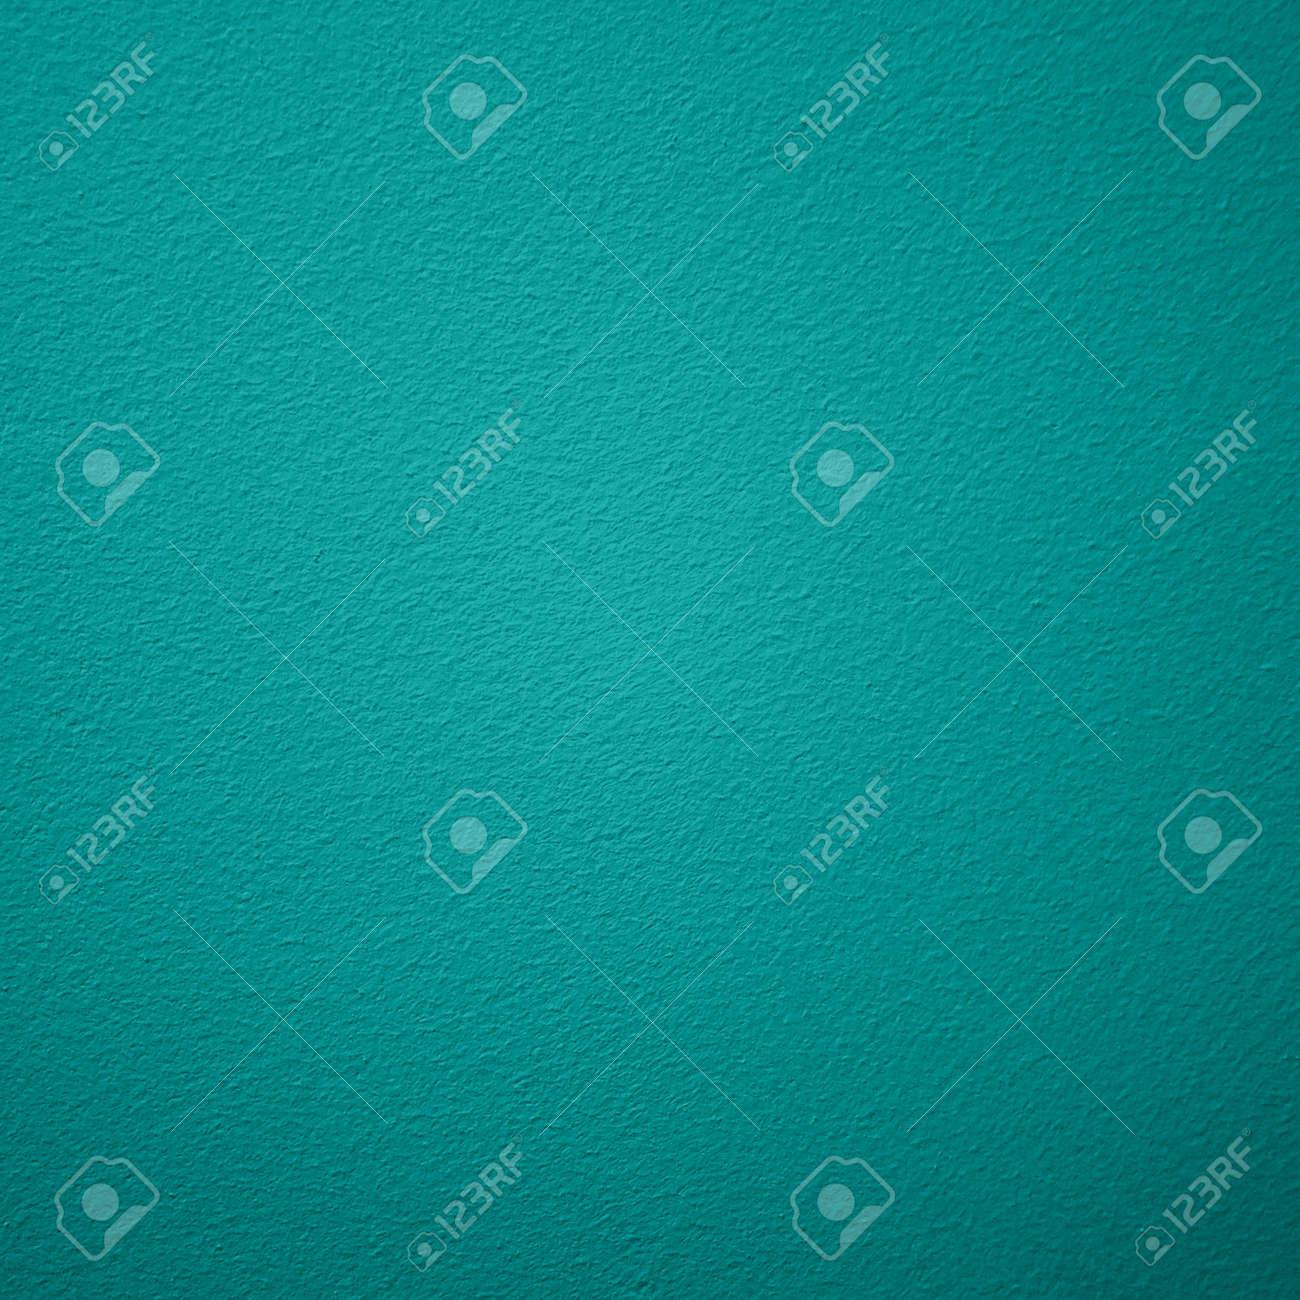 Turquoise - 121581129